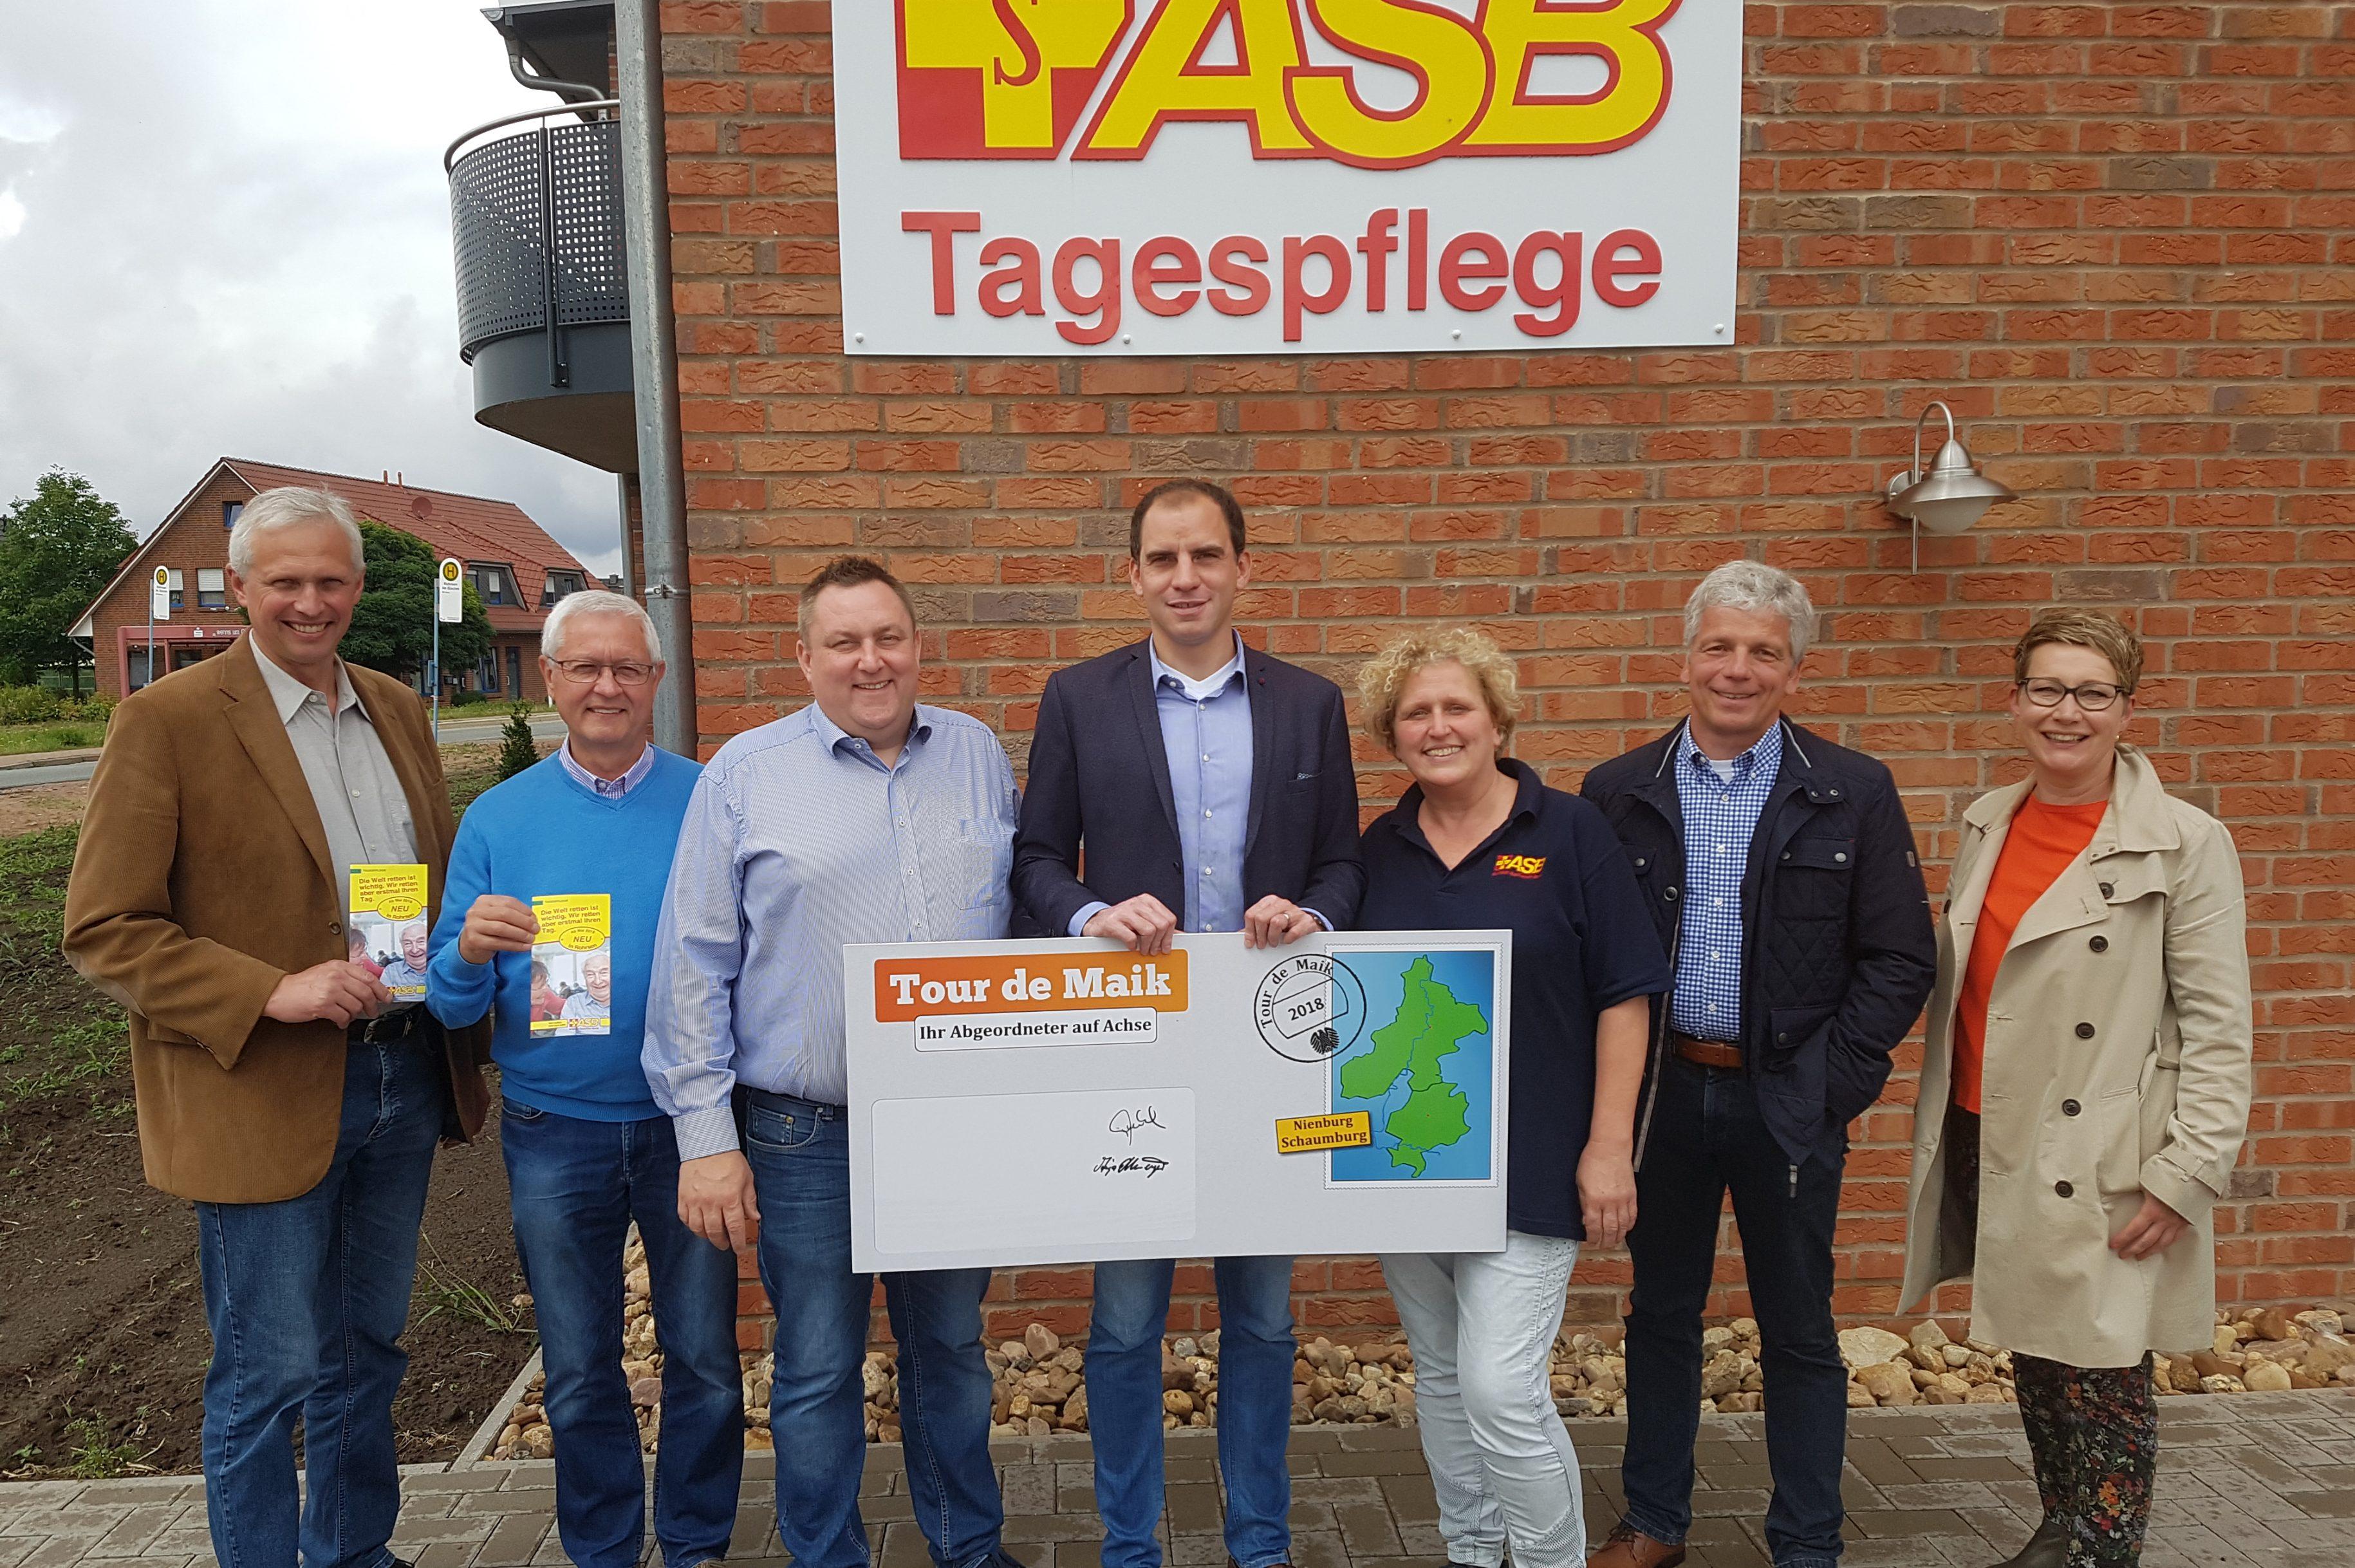 """Beermann startet vierte Auflage seiner """"Tour de Maik"""" – Auftakt bei der Tagespflege des ASB in Rohrsen."""